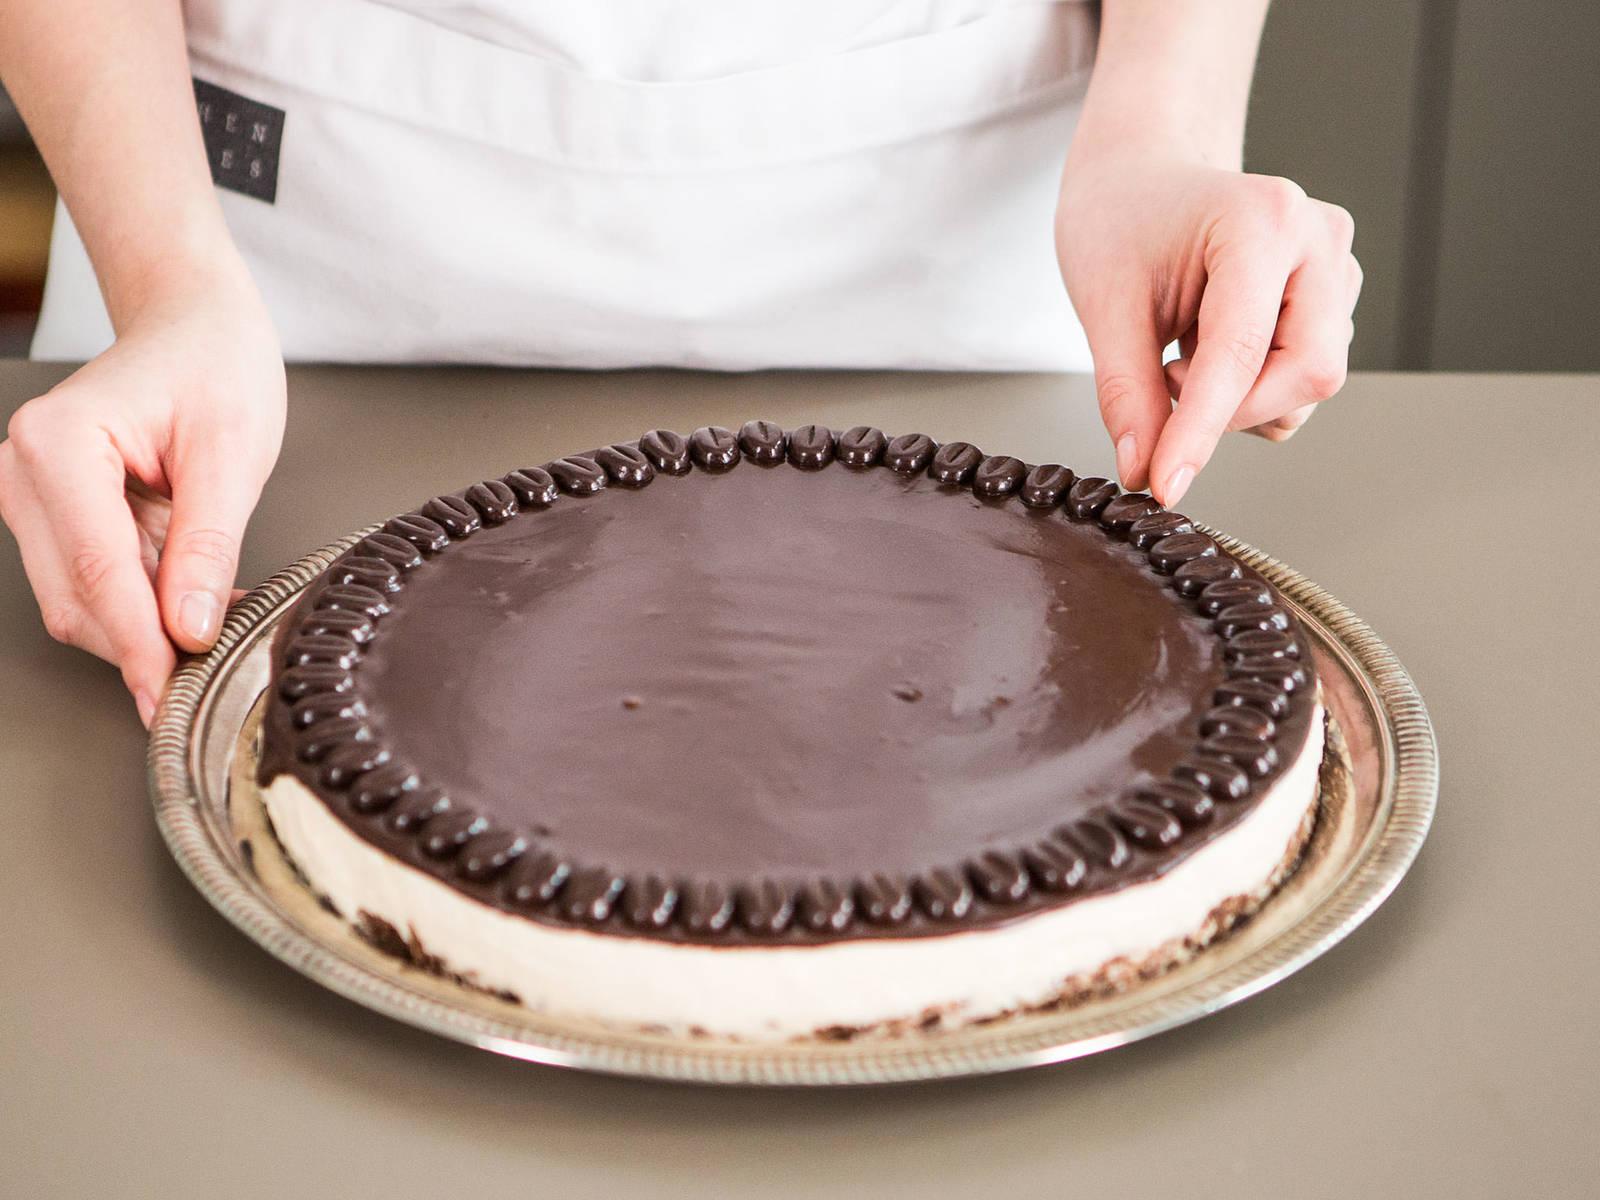 Ganache auf den Kuchen geben und gleichmäßig verteilen. Kuchen aus der Form nehmen und auf eine Servierplatte geben und mit Kaffeebohnen garnieren. Mit einem kühlen Glas Baileys genießen.